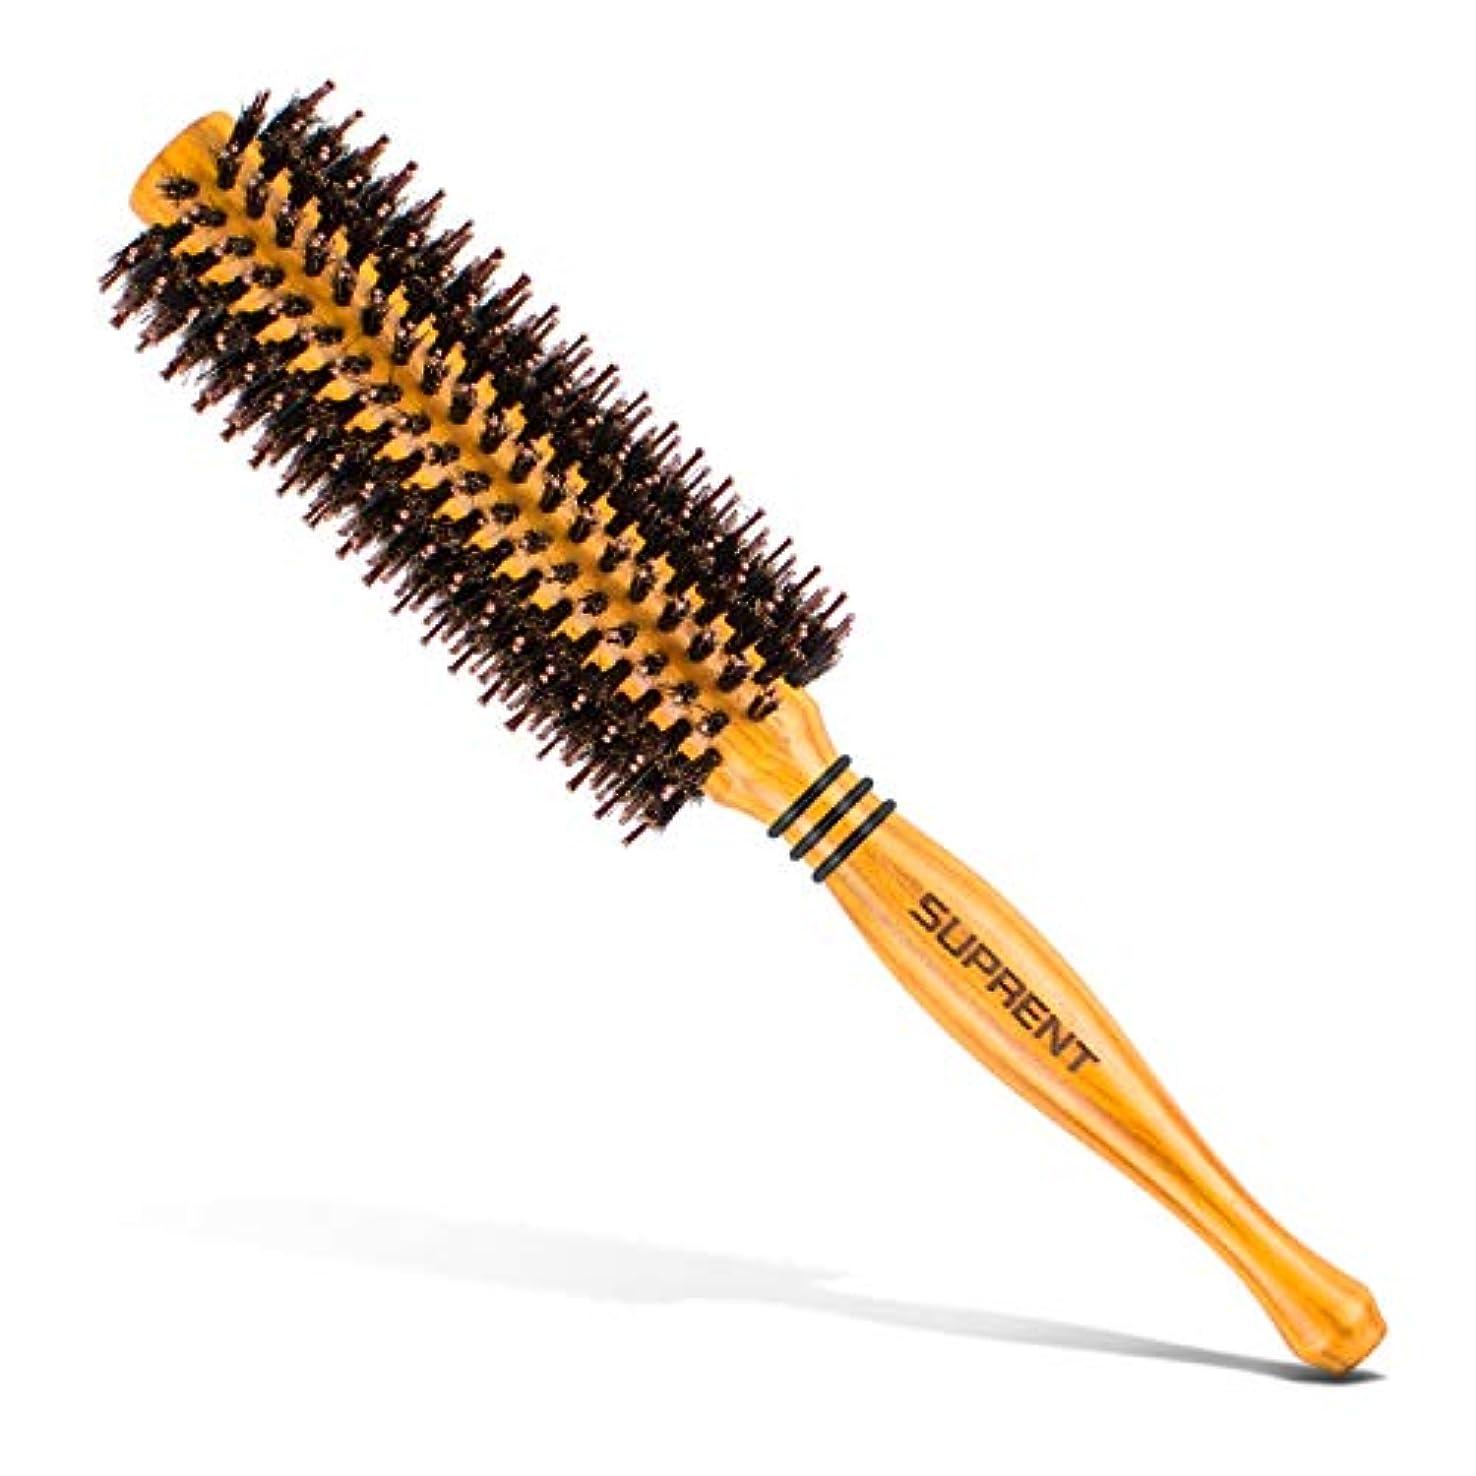 サミュエル関係ないリラックスロールブラシ/ヘアブラシ豚毛カール 木製櫛 スタイリングブラシ 巻き髪 静電気防止